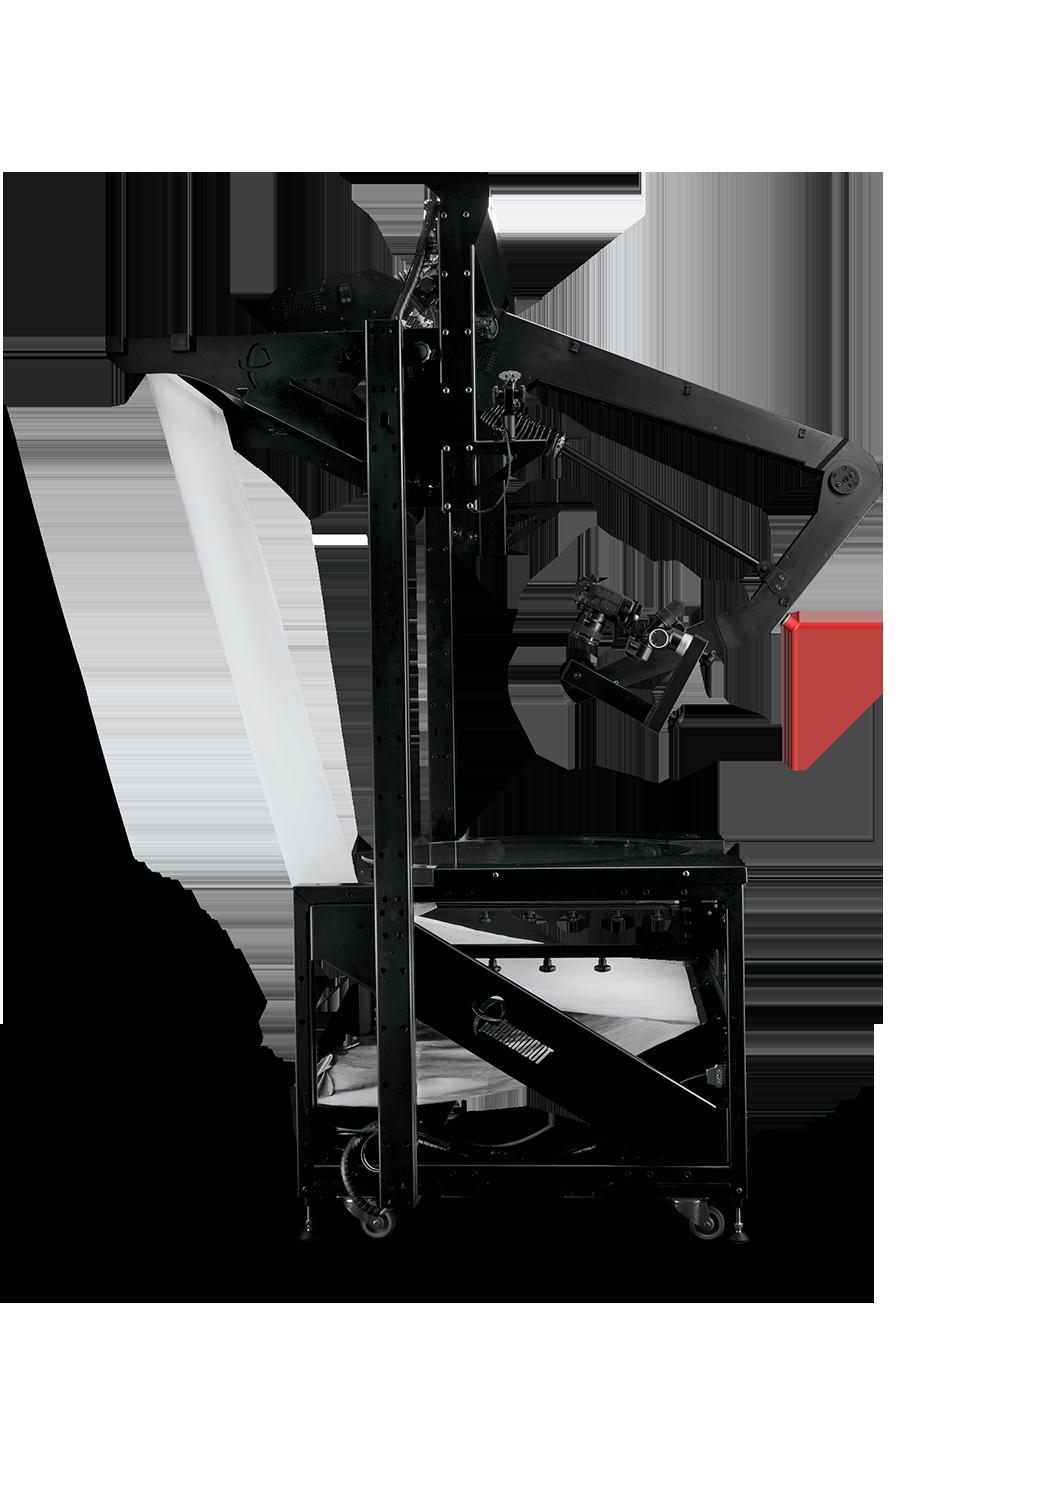 PhotoRobot VARIO - side view